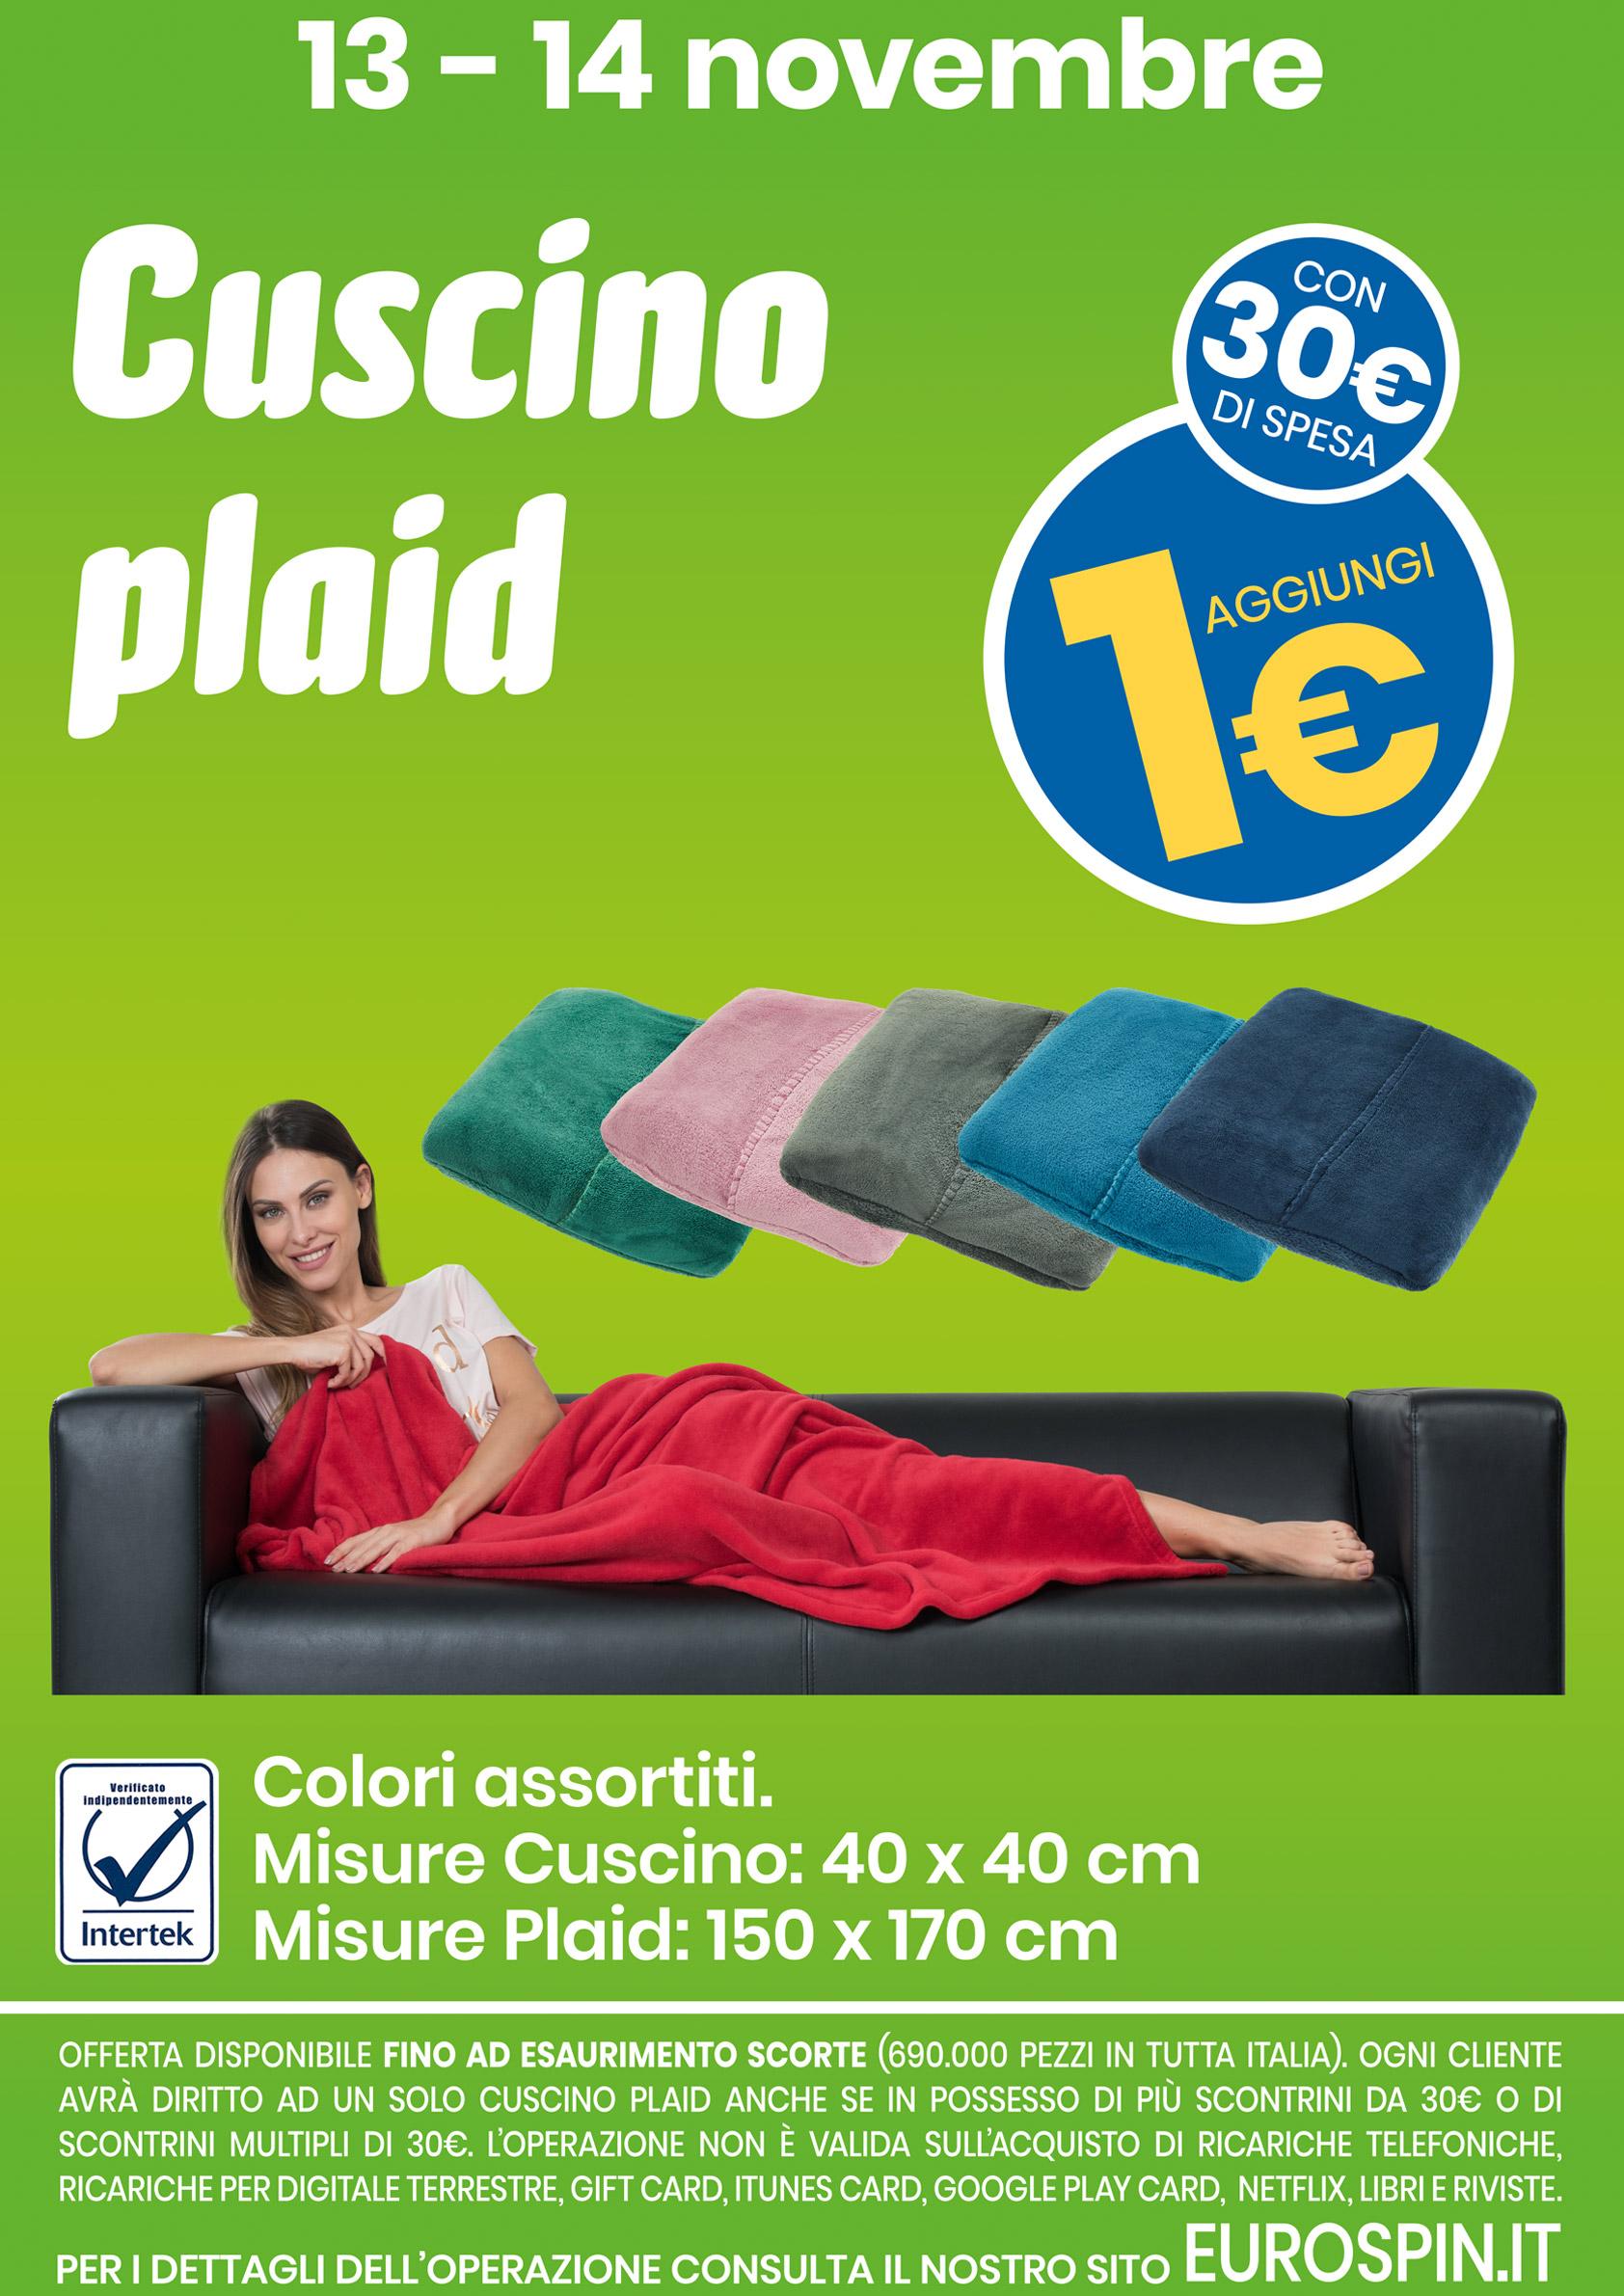 ogni 30€ di spesa aggiungi 1€ per aver il cuscino plaid di eurospin